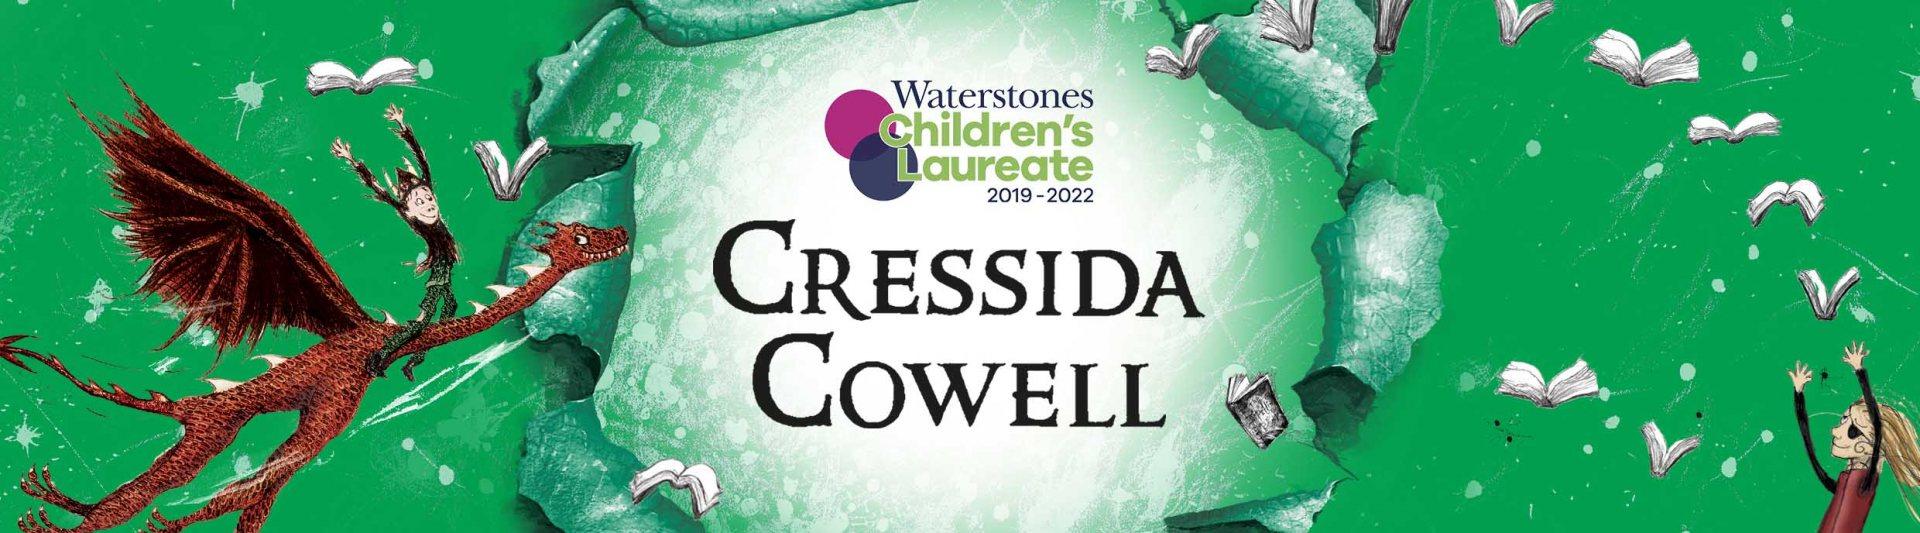 Waterstones Children's Laureate 2019 - 2022 Cressida Cowell